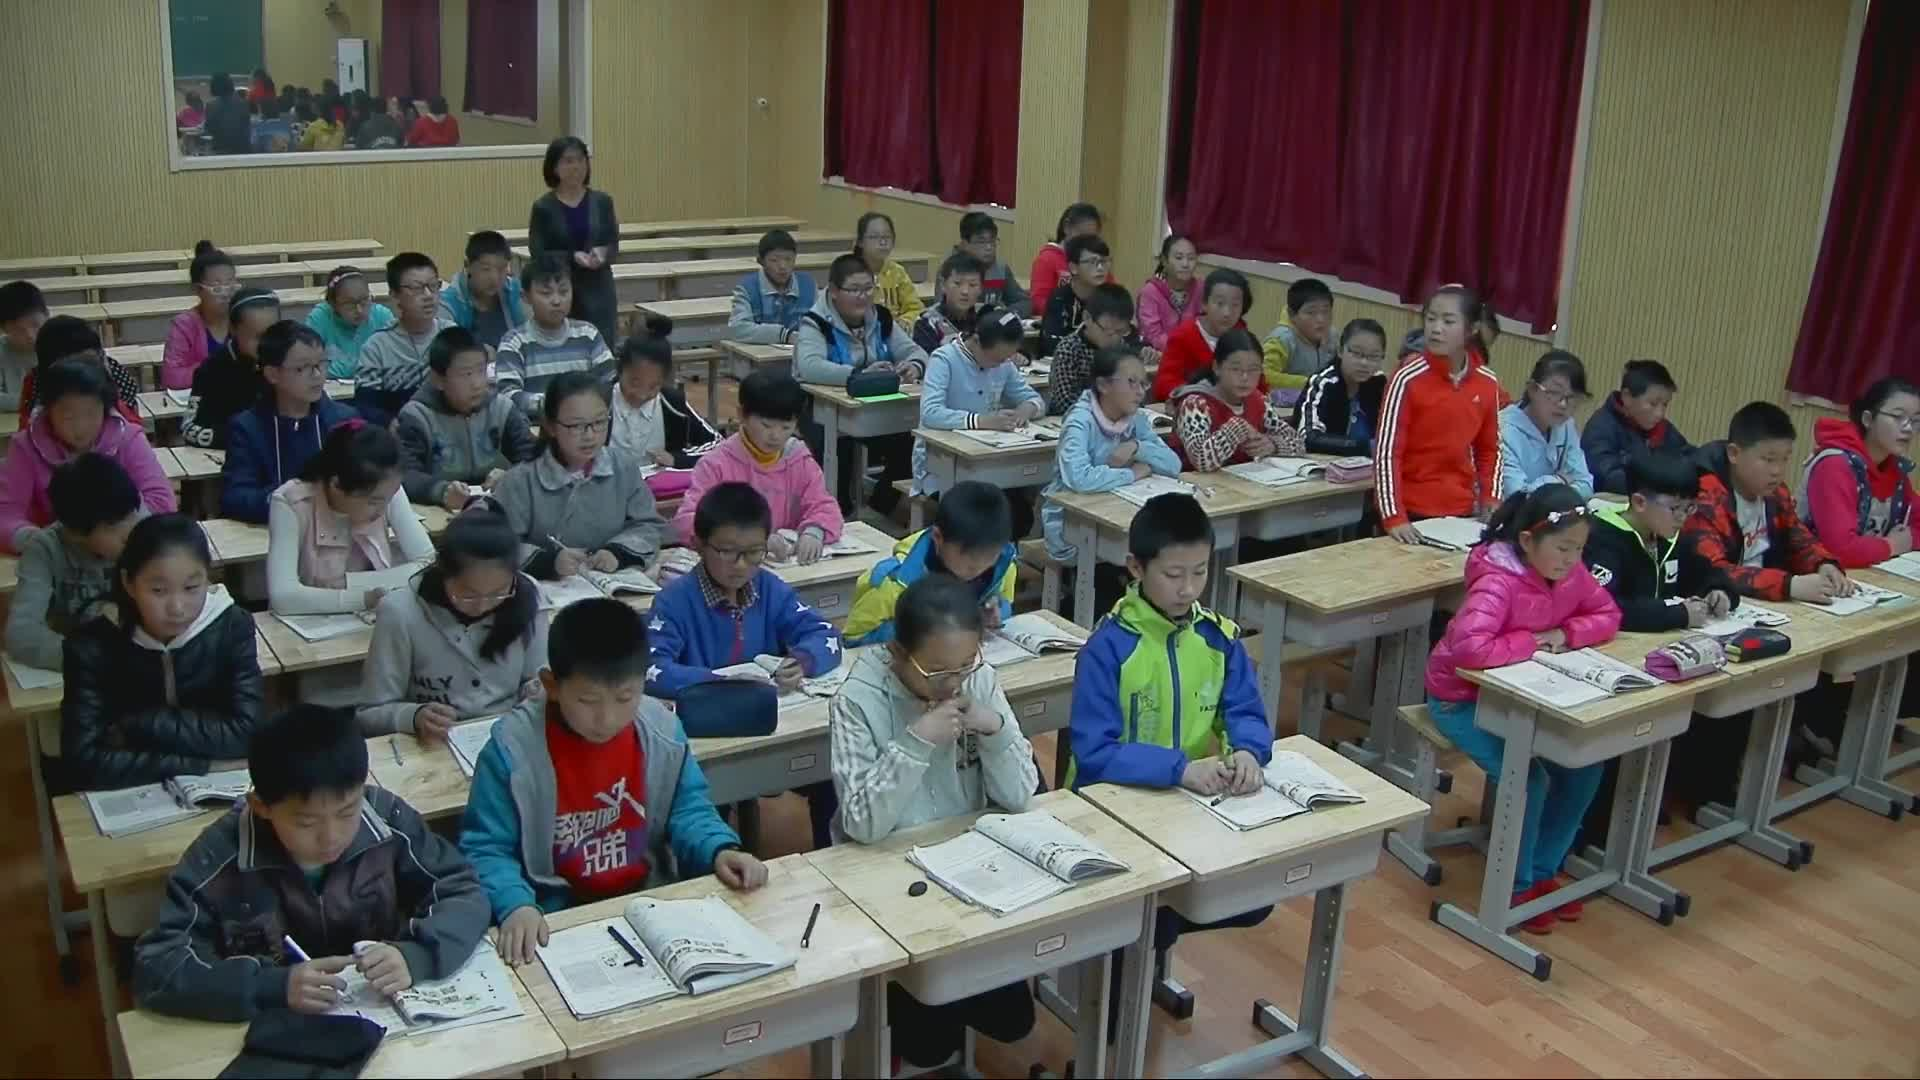 鲁教版(五四制) 六年级英语下册 Uint6 Don't eat in class!(Section B Reading)-课堂实录